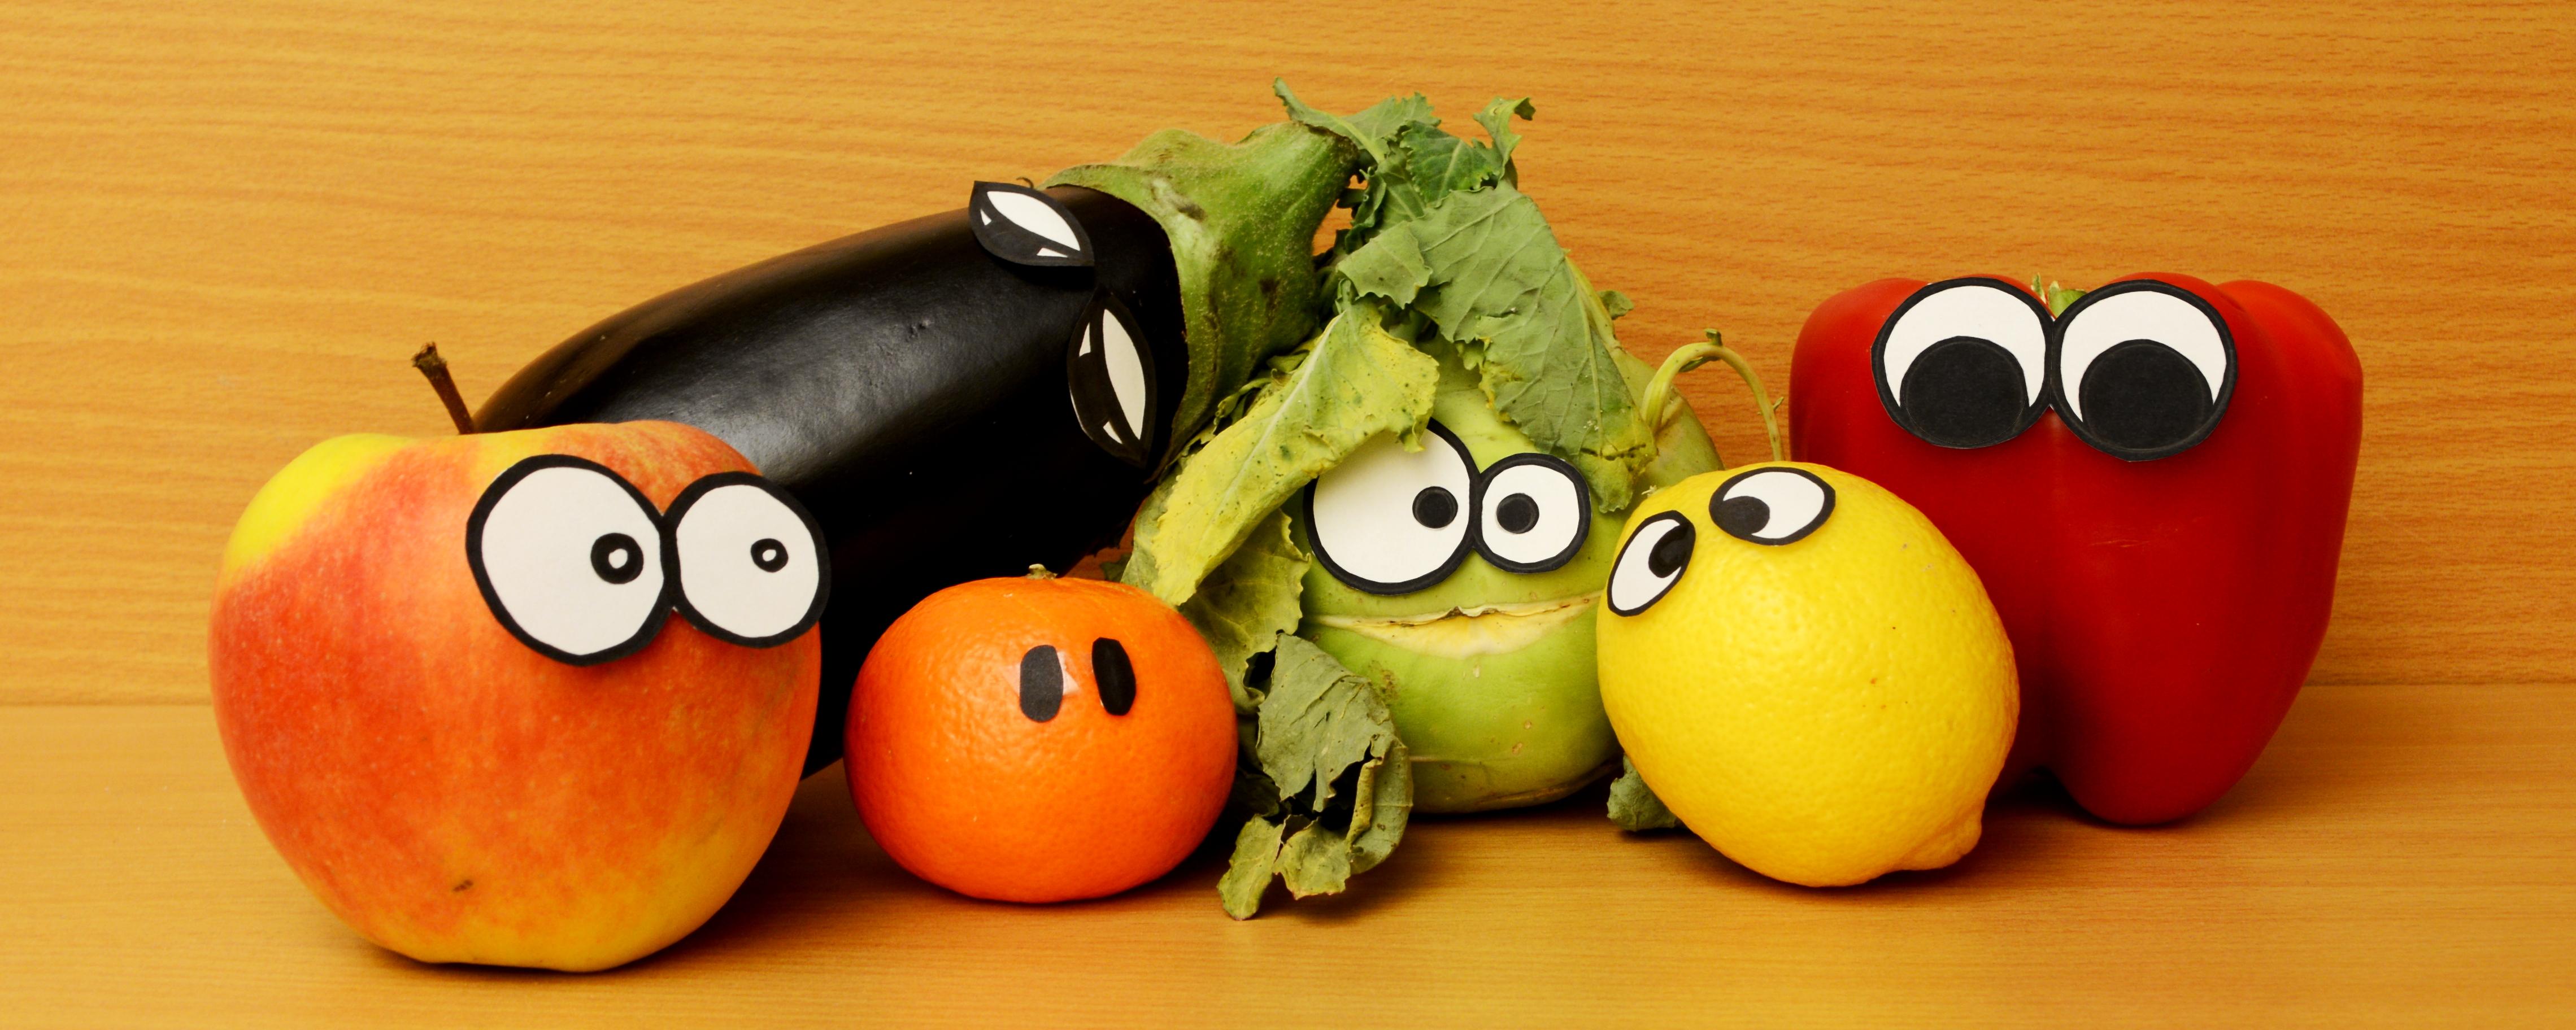 Wer ein rundum gesundes Leben führen möchte, braucht Vitamine - diese stecken vor allem in Obst und Gemüse.